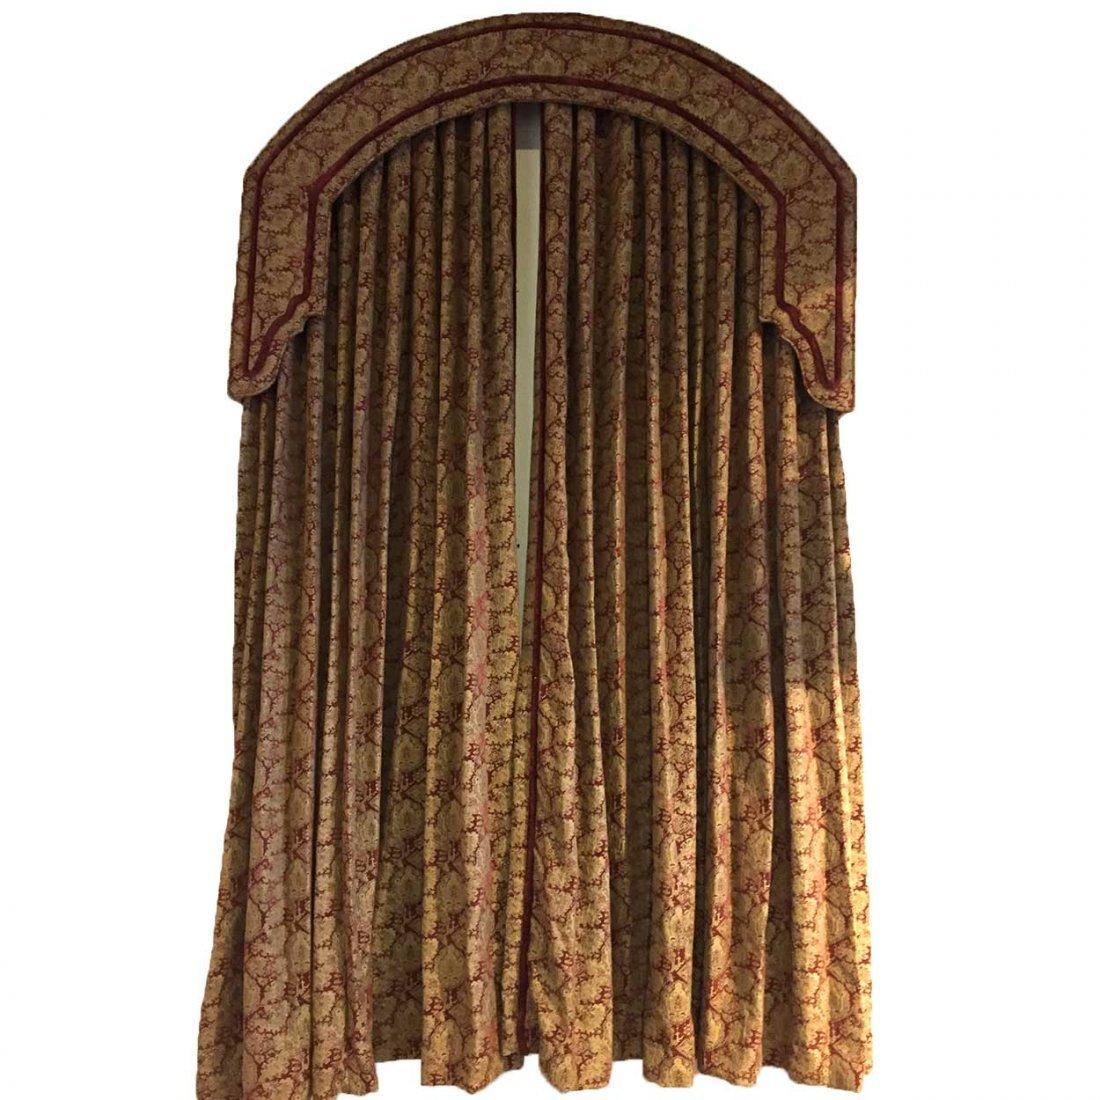 Custom Curtains and Valances